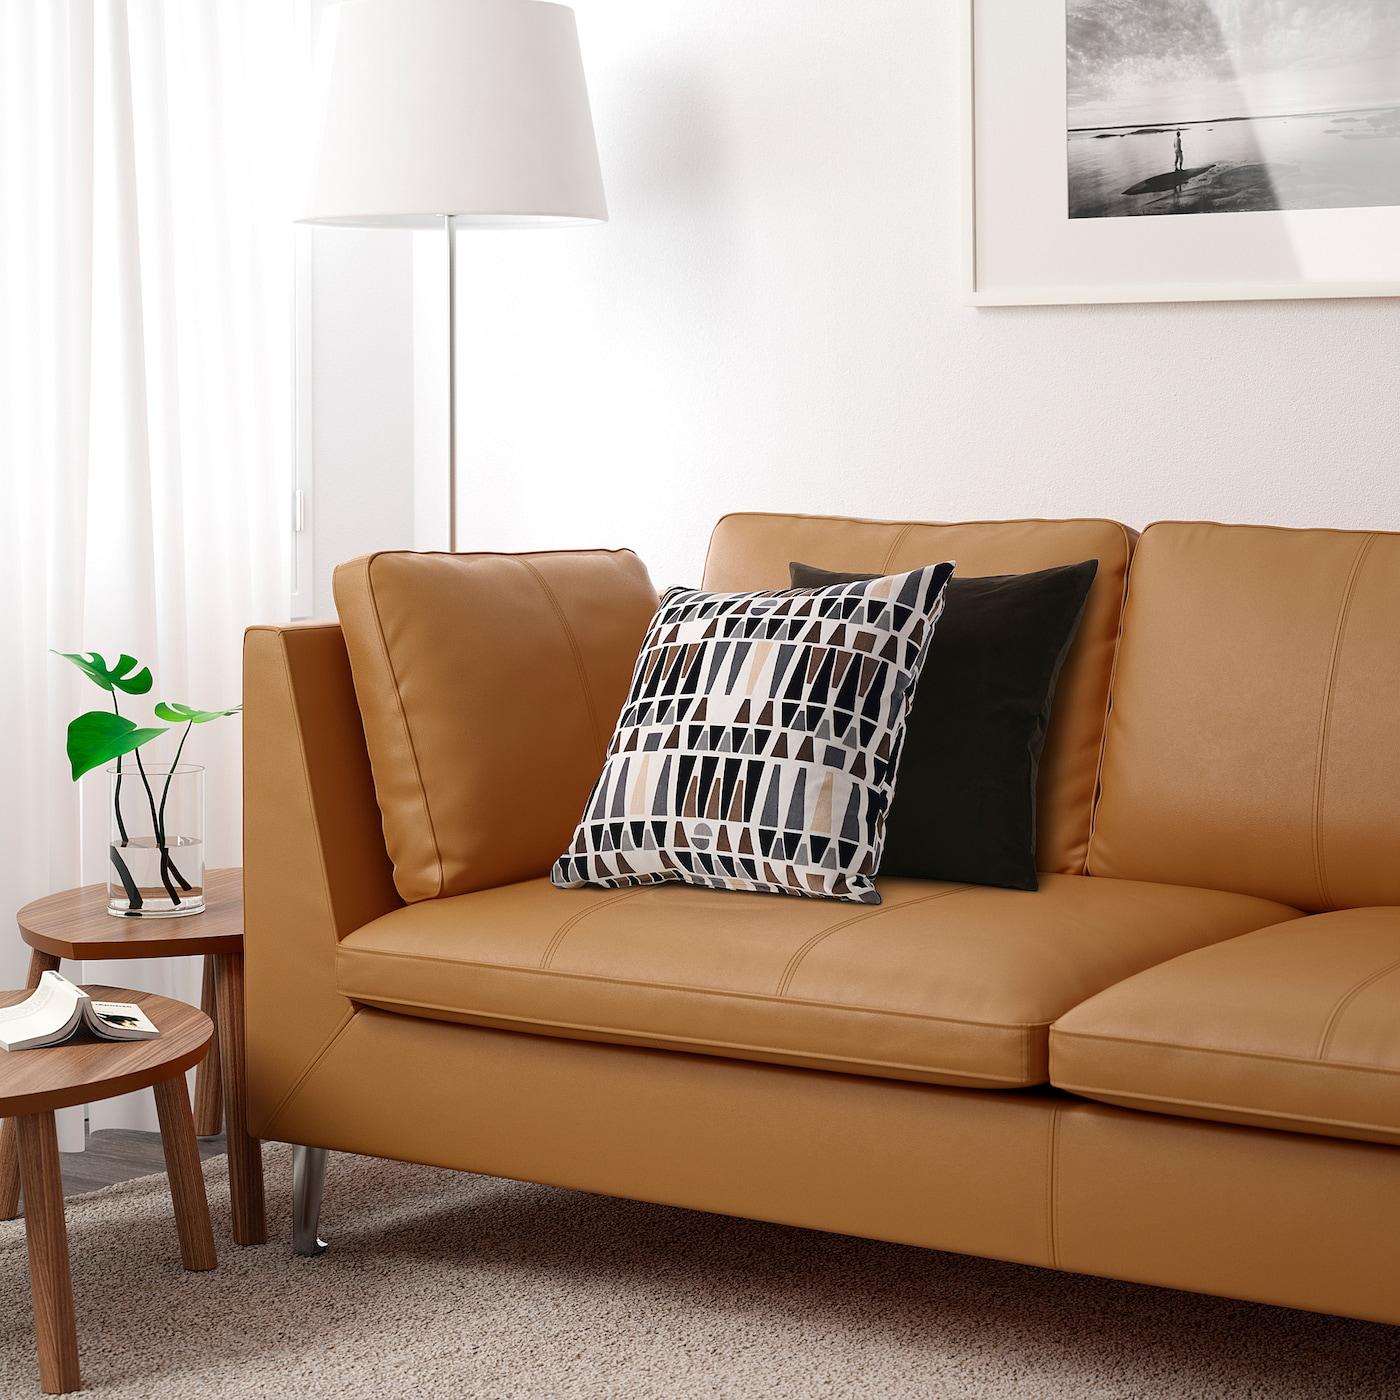 STOCKHOLM Sofa   Seglora natural